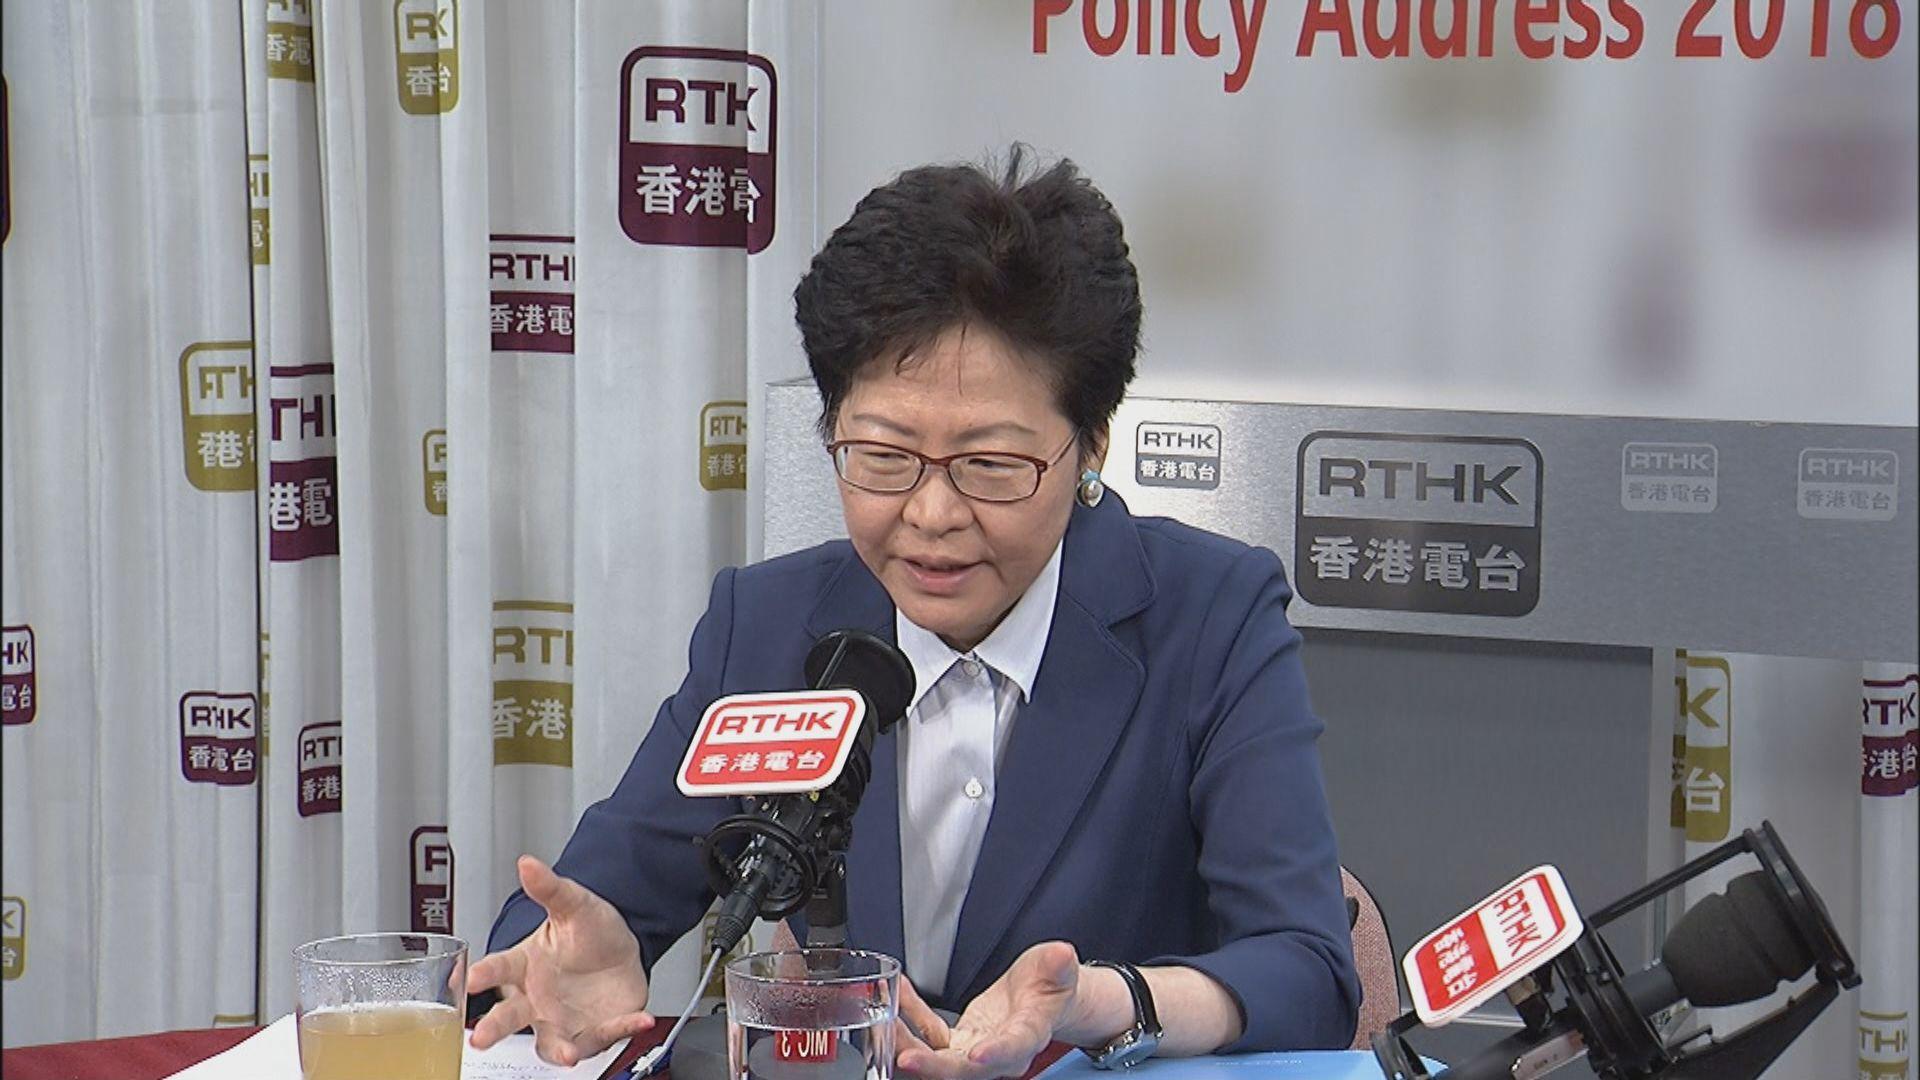 林鄭月娥:不會提早收回外國記者會會址